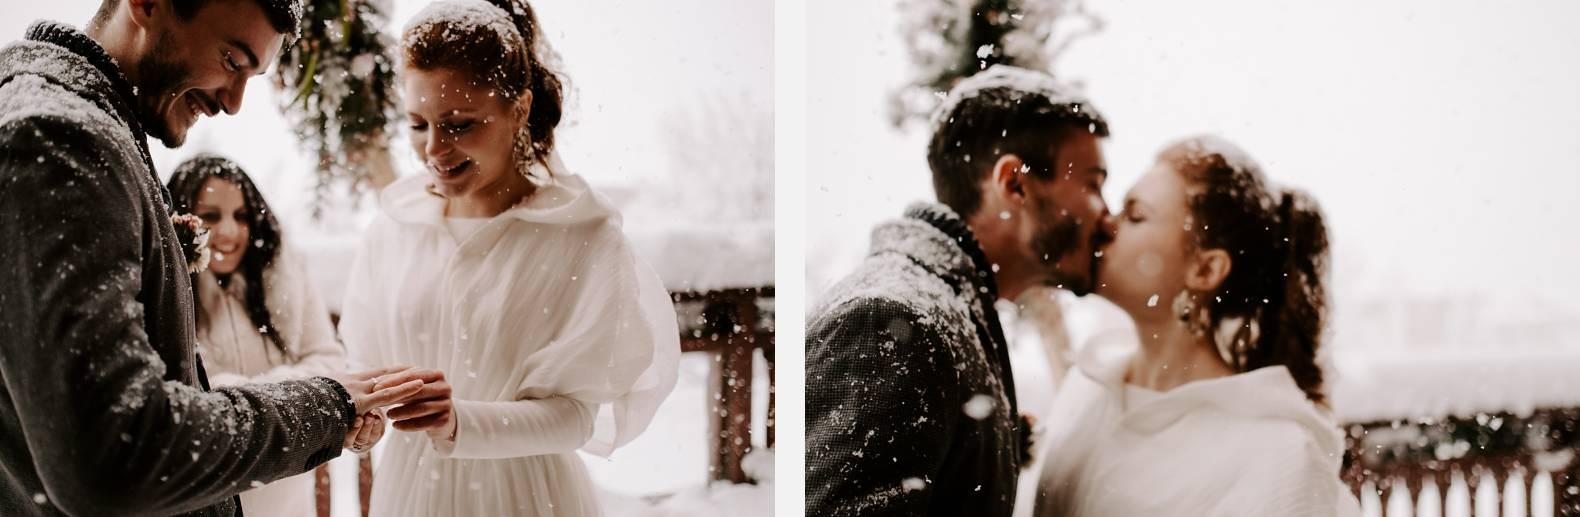 mariage hiver alpes huez isere hotel grandes rousses photographe bel esprit 0027